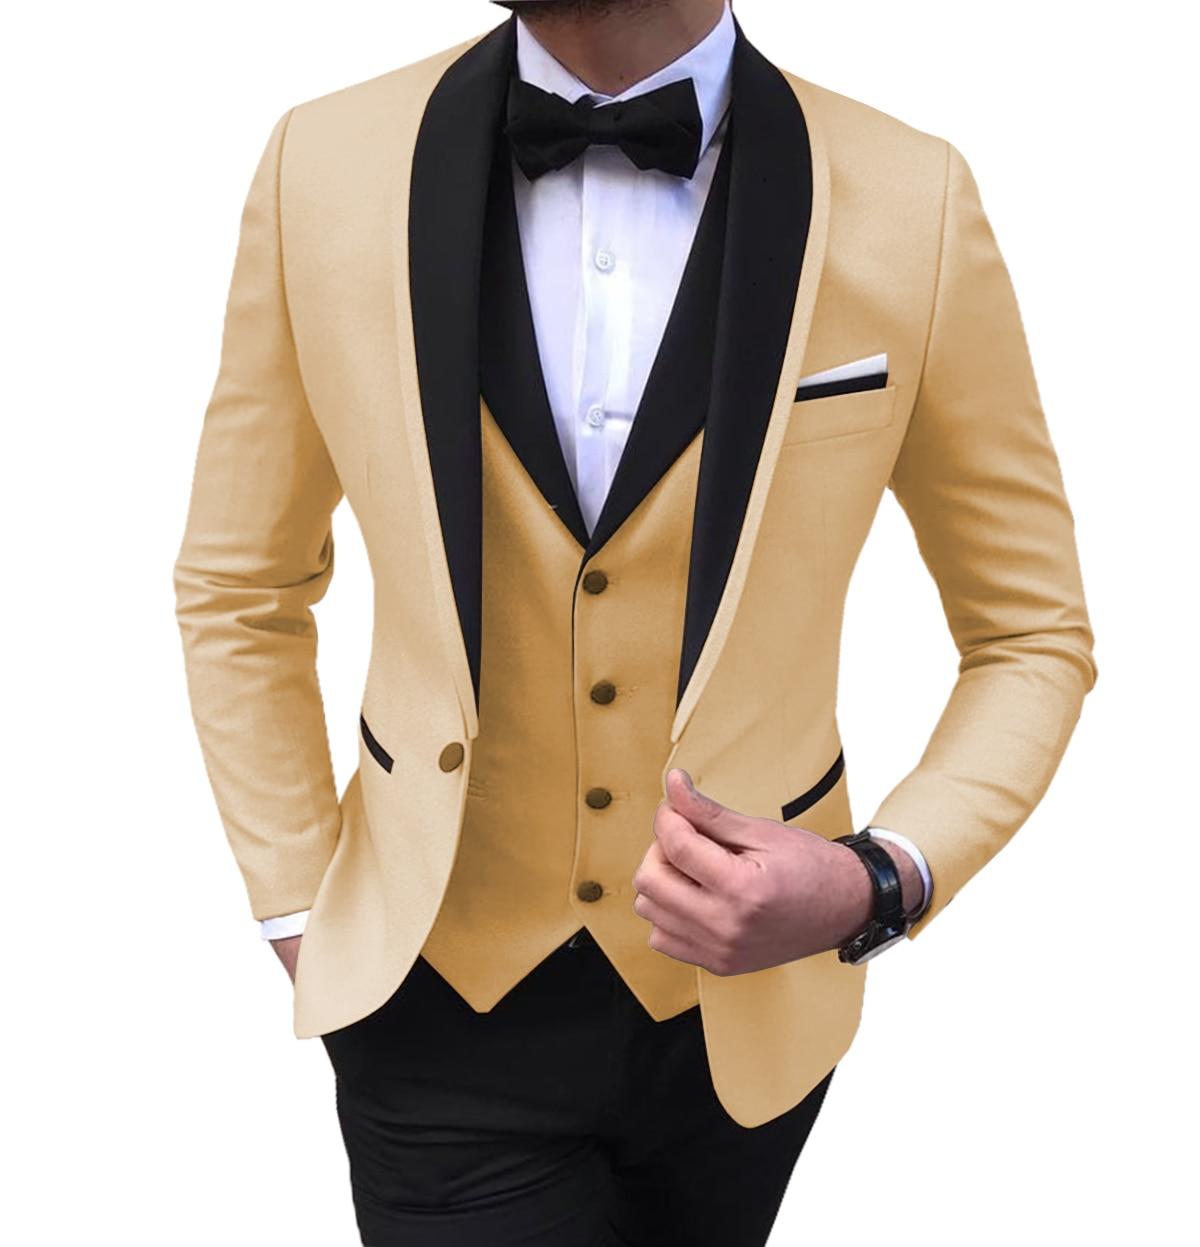 Blue slit mens suits 3 piece black shawl lapel casual tuxedos for wedding groomsmen suits men 2020 (blazer+vest+pant) 5